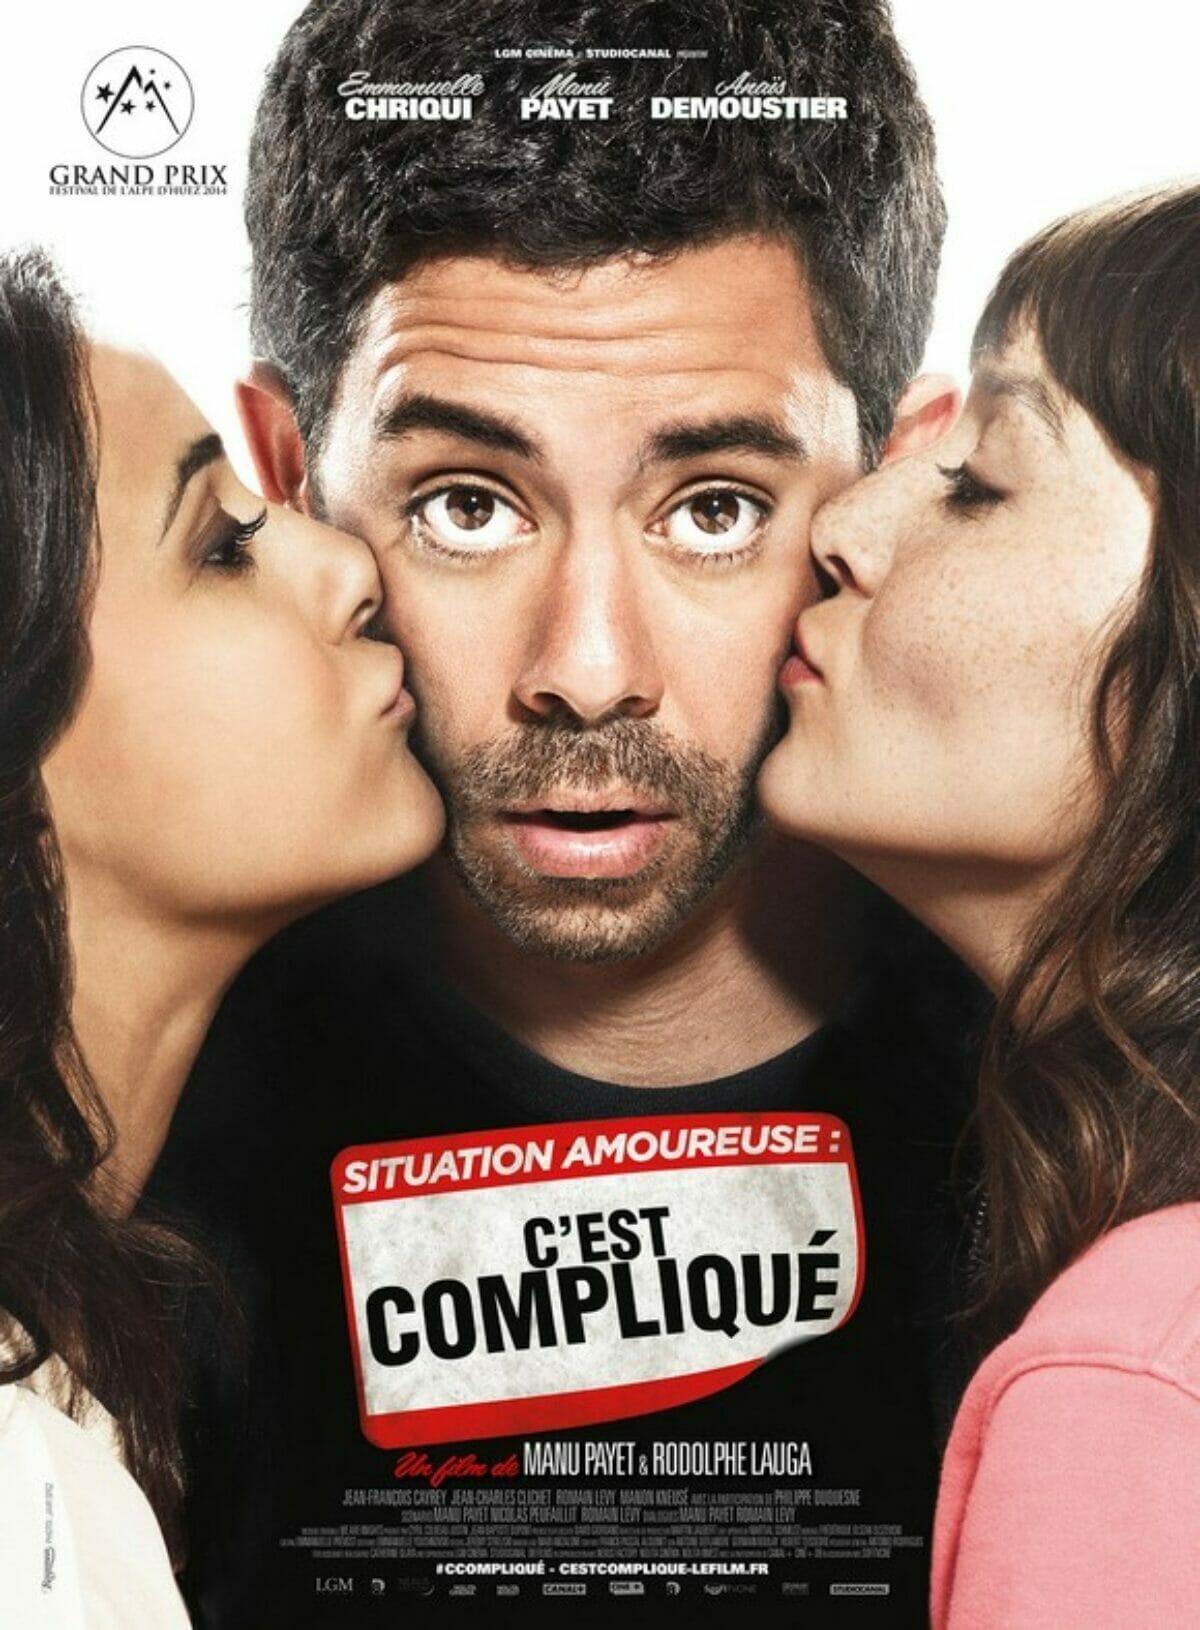 Situation-Amoureuse-Cest-Compliqué-Affiche